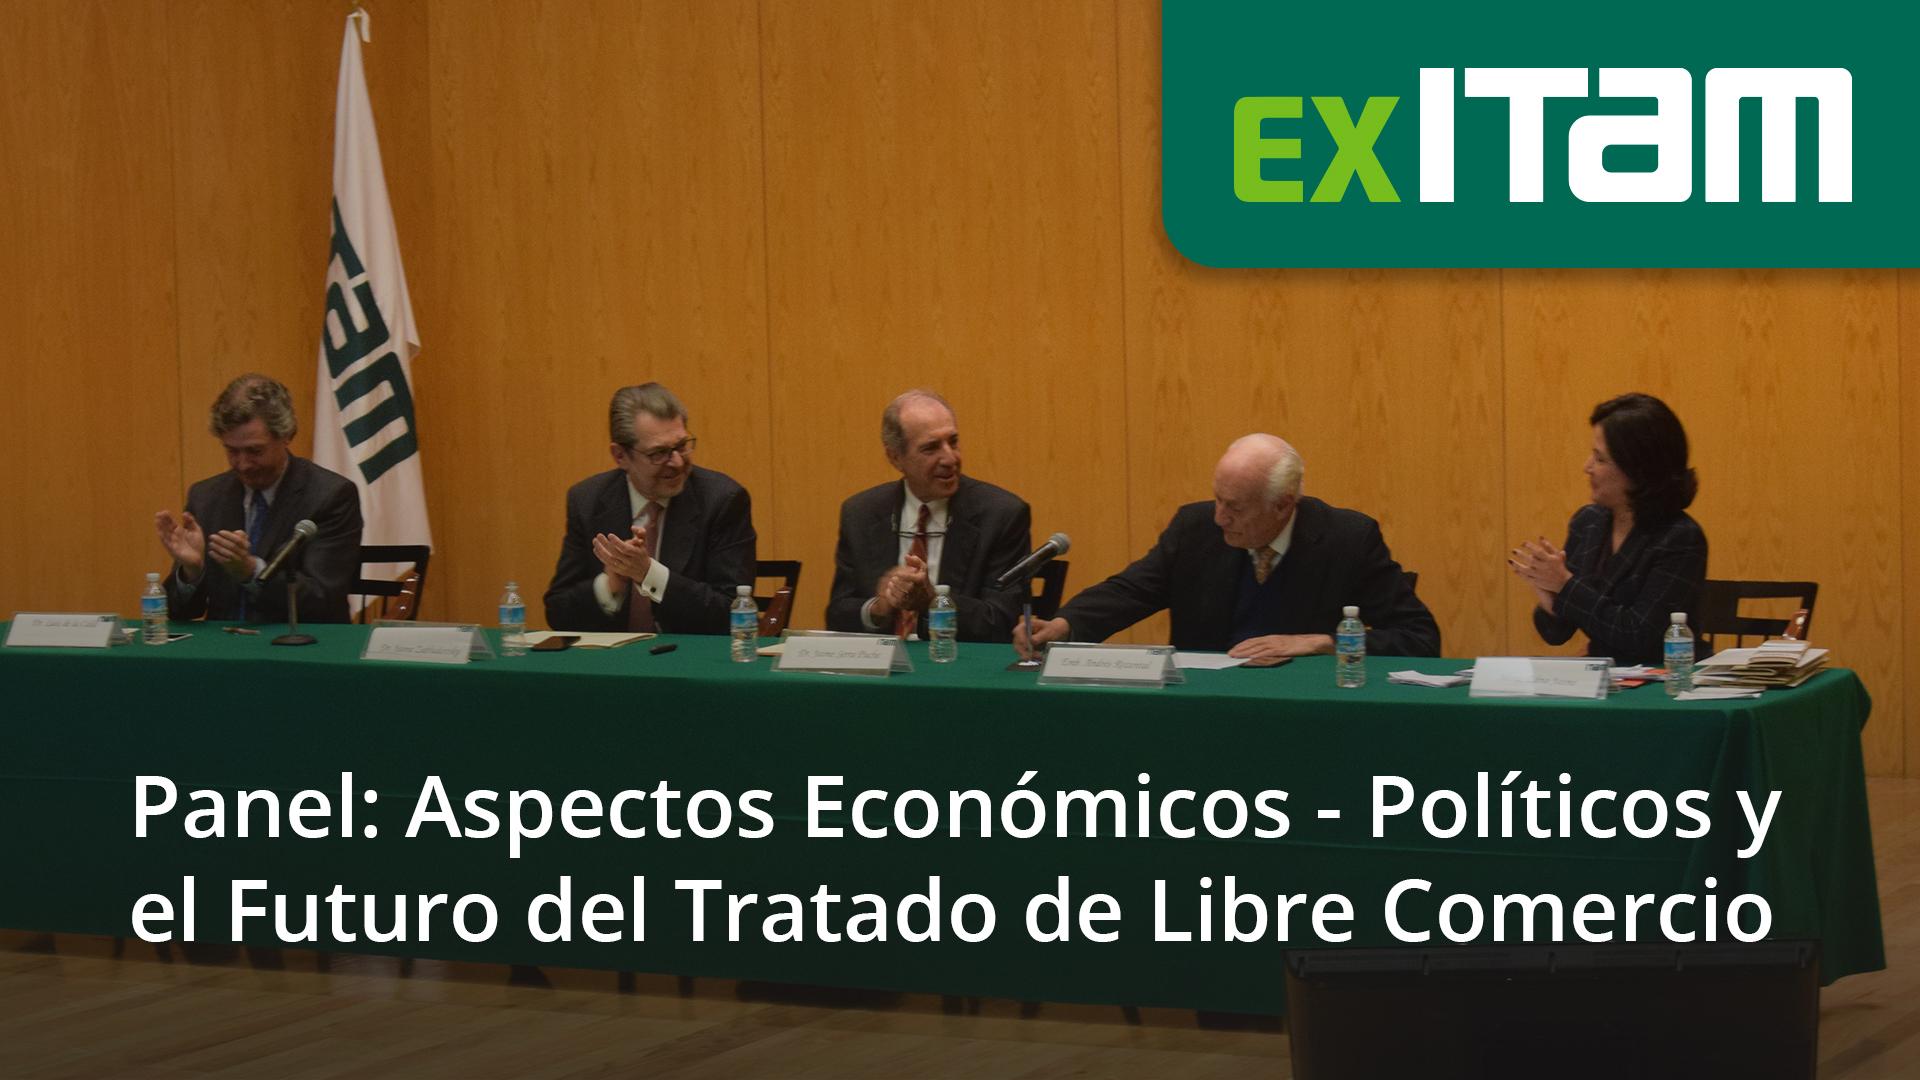 Panel: Aspectos Económicos - Políticos y el Futuro del Tratado de Libre Comercio